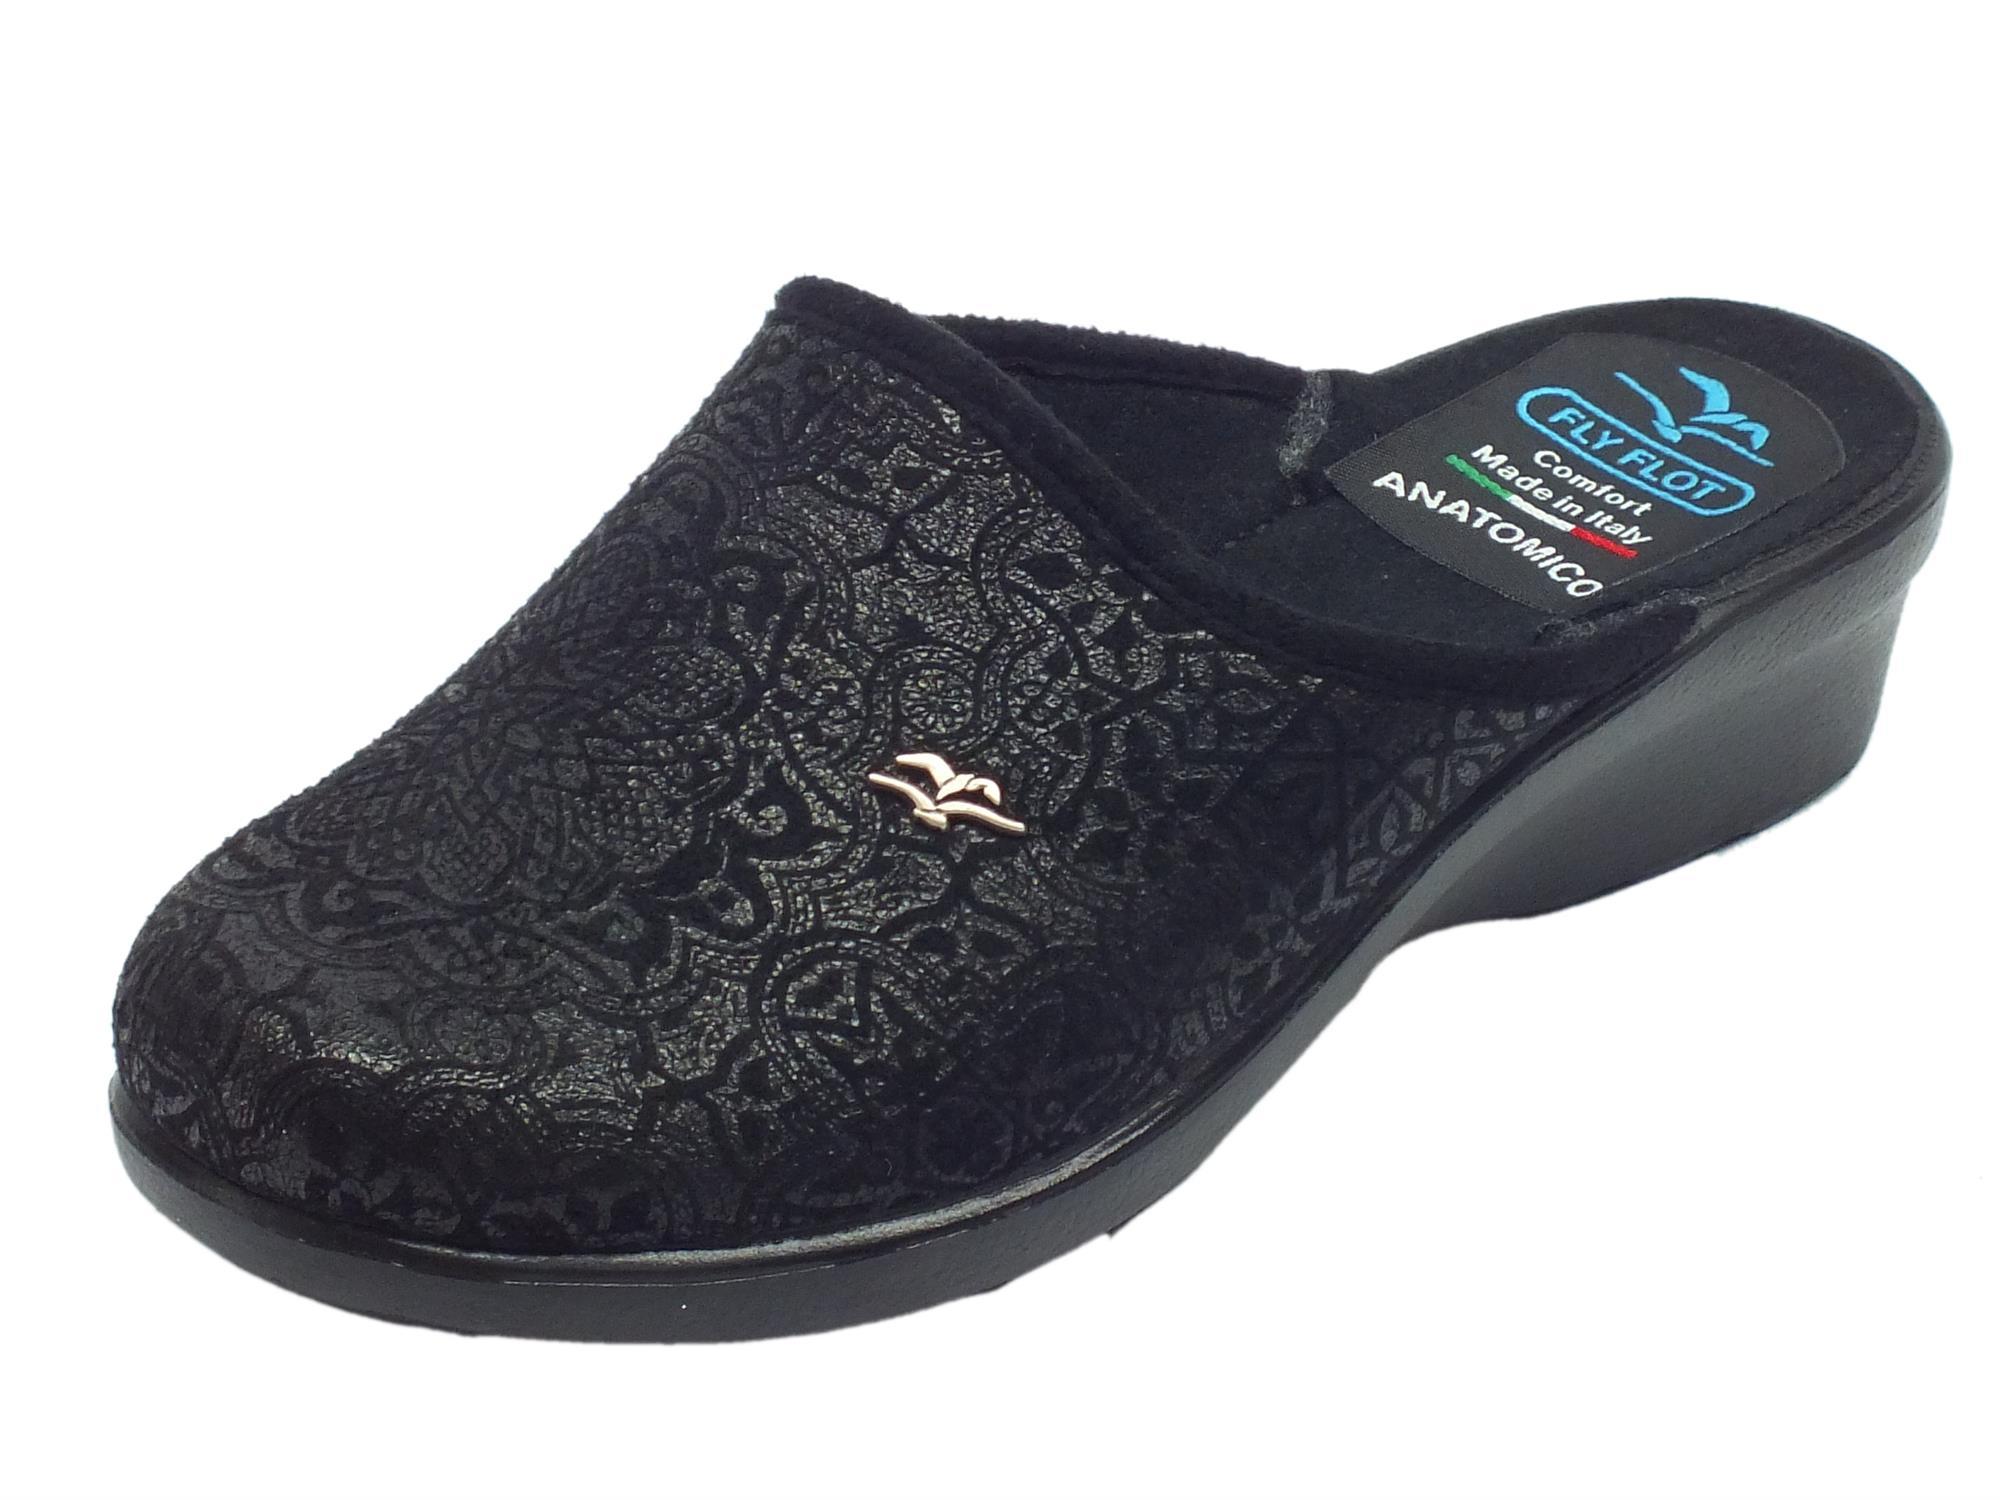 Pantofole Fly Flot per donna in tessuto nero con decorazione satinata d03ccc77d63